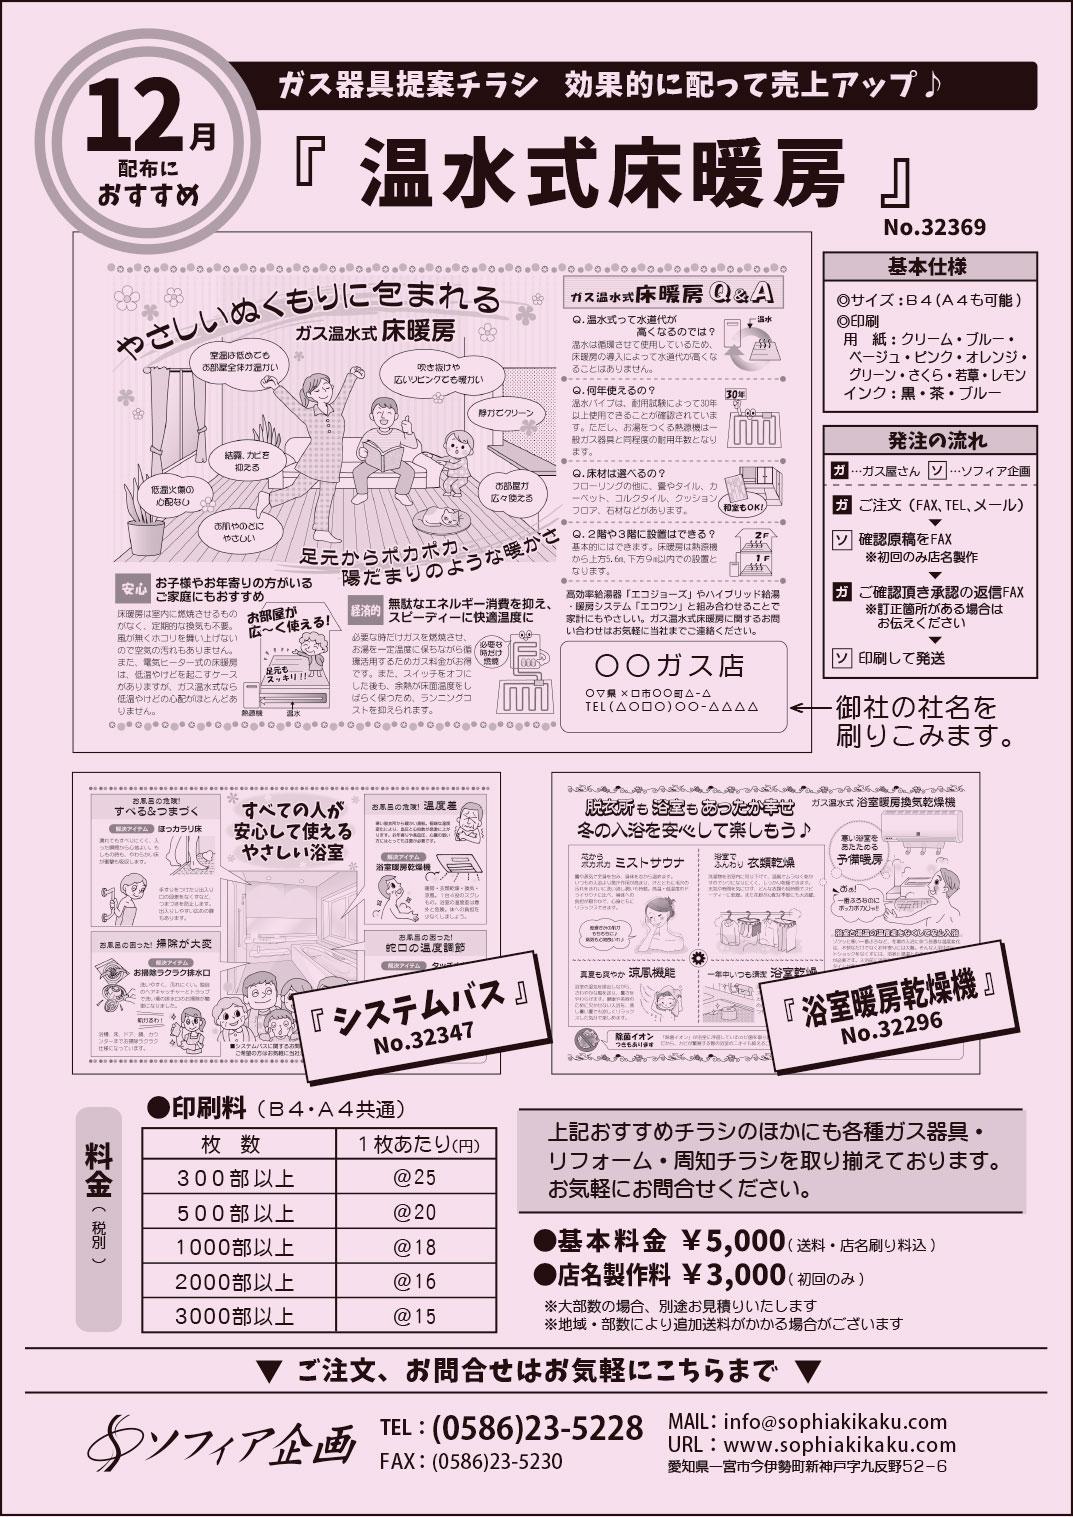 12月配布におすすめのガス器具提案チラシ